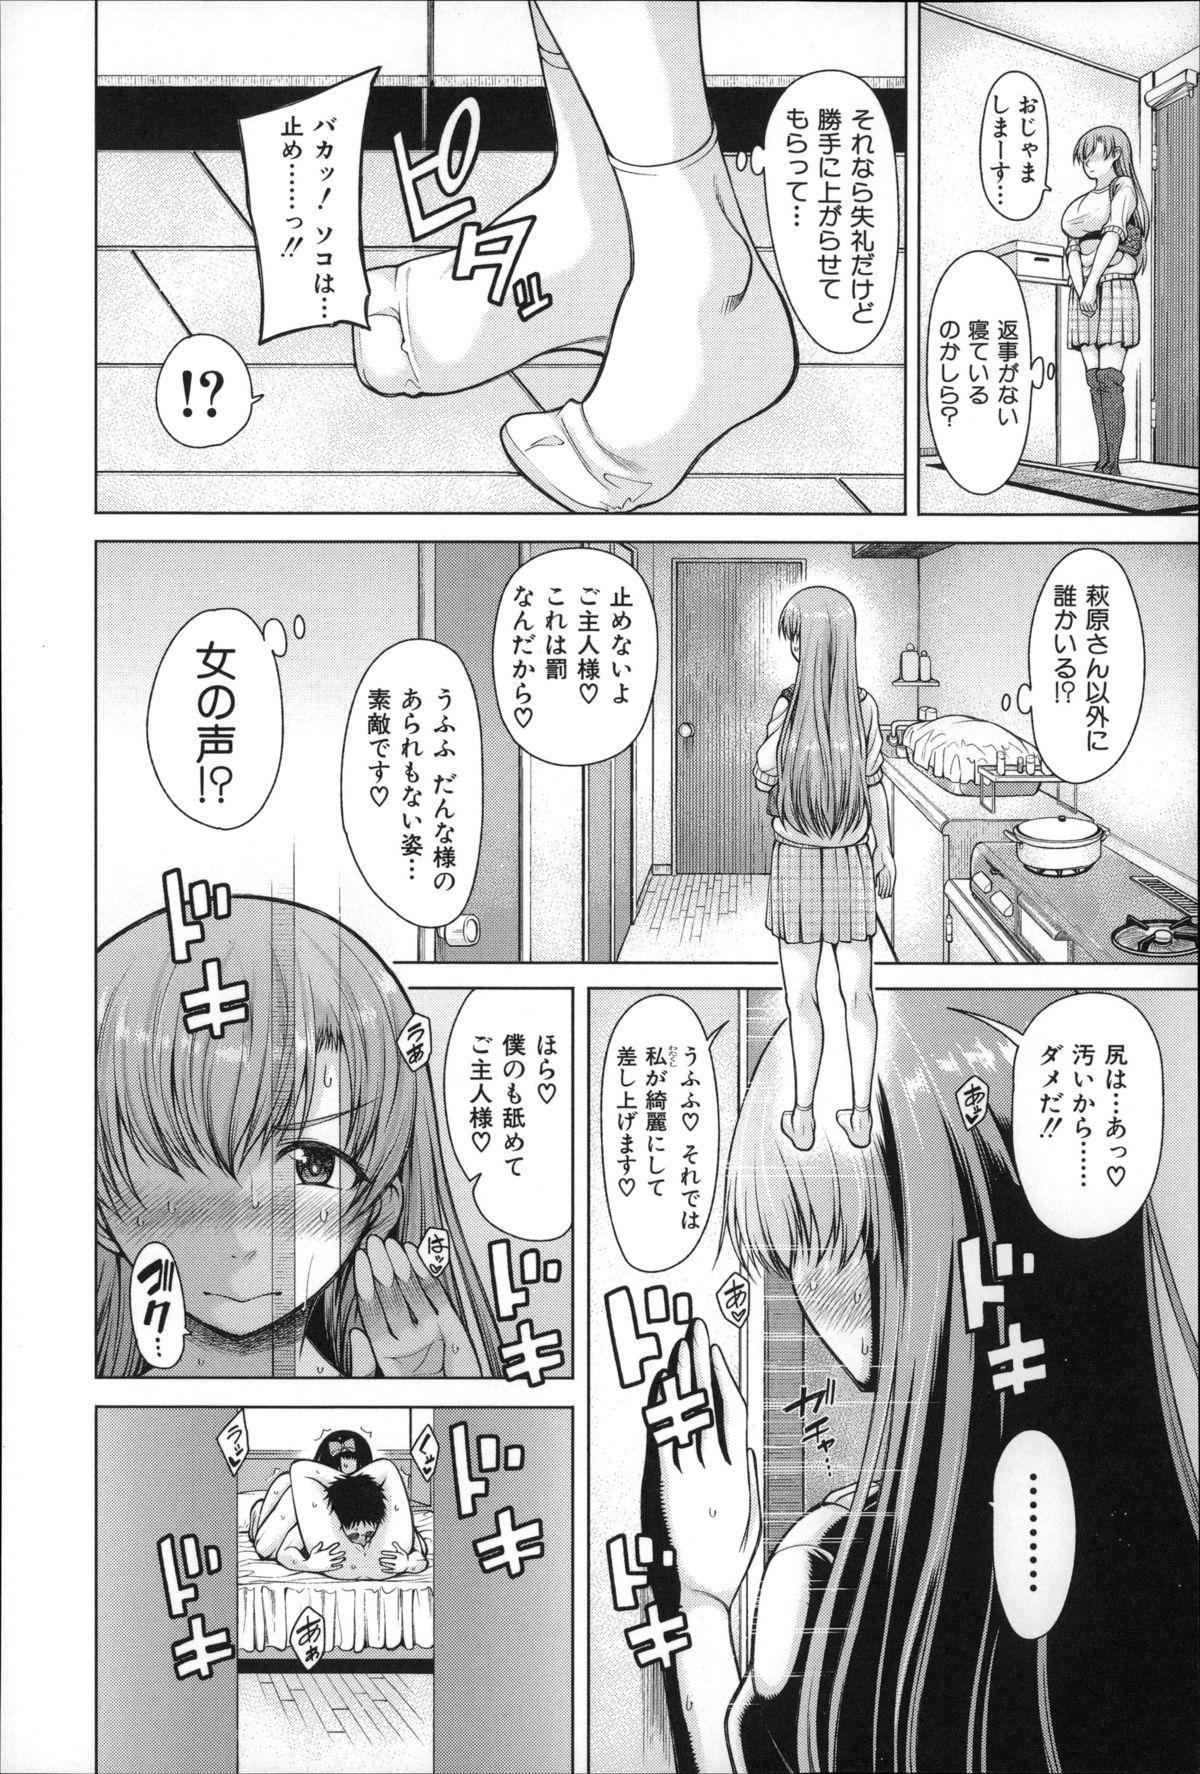 Migite ga Bishoujo ni Natta kara Sex Shita kedo Doutei dayone!! 94